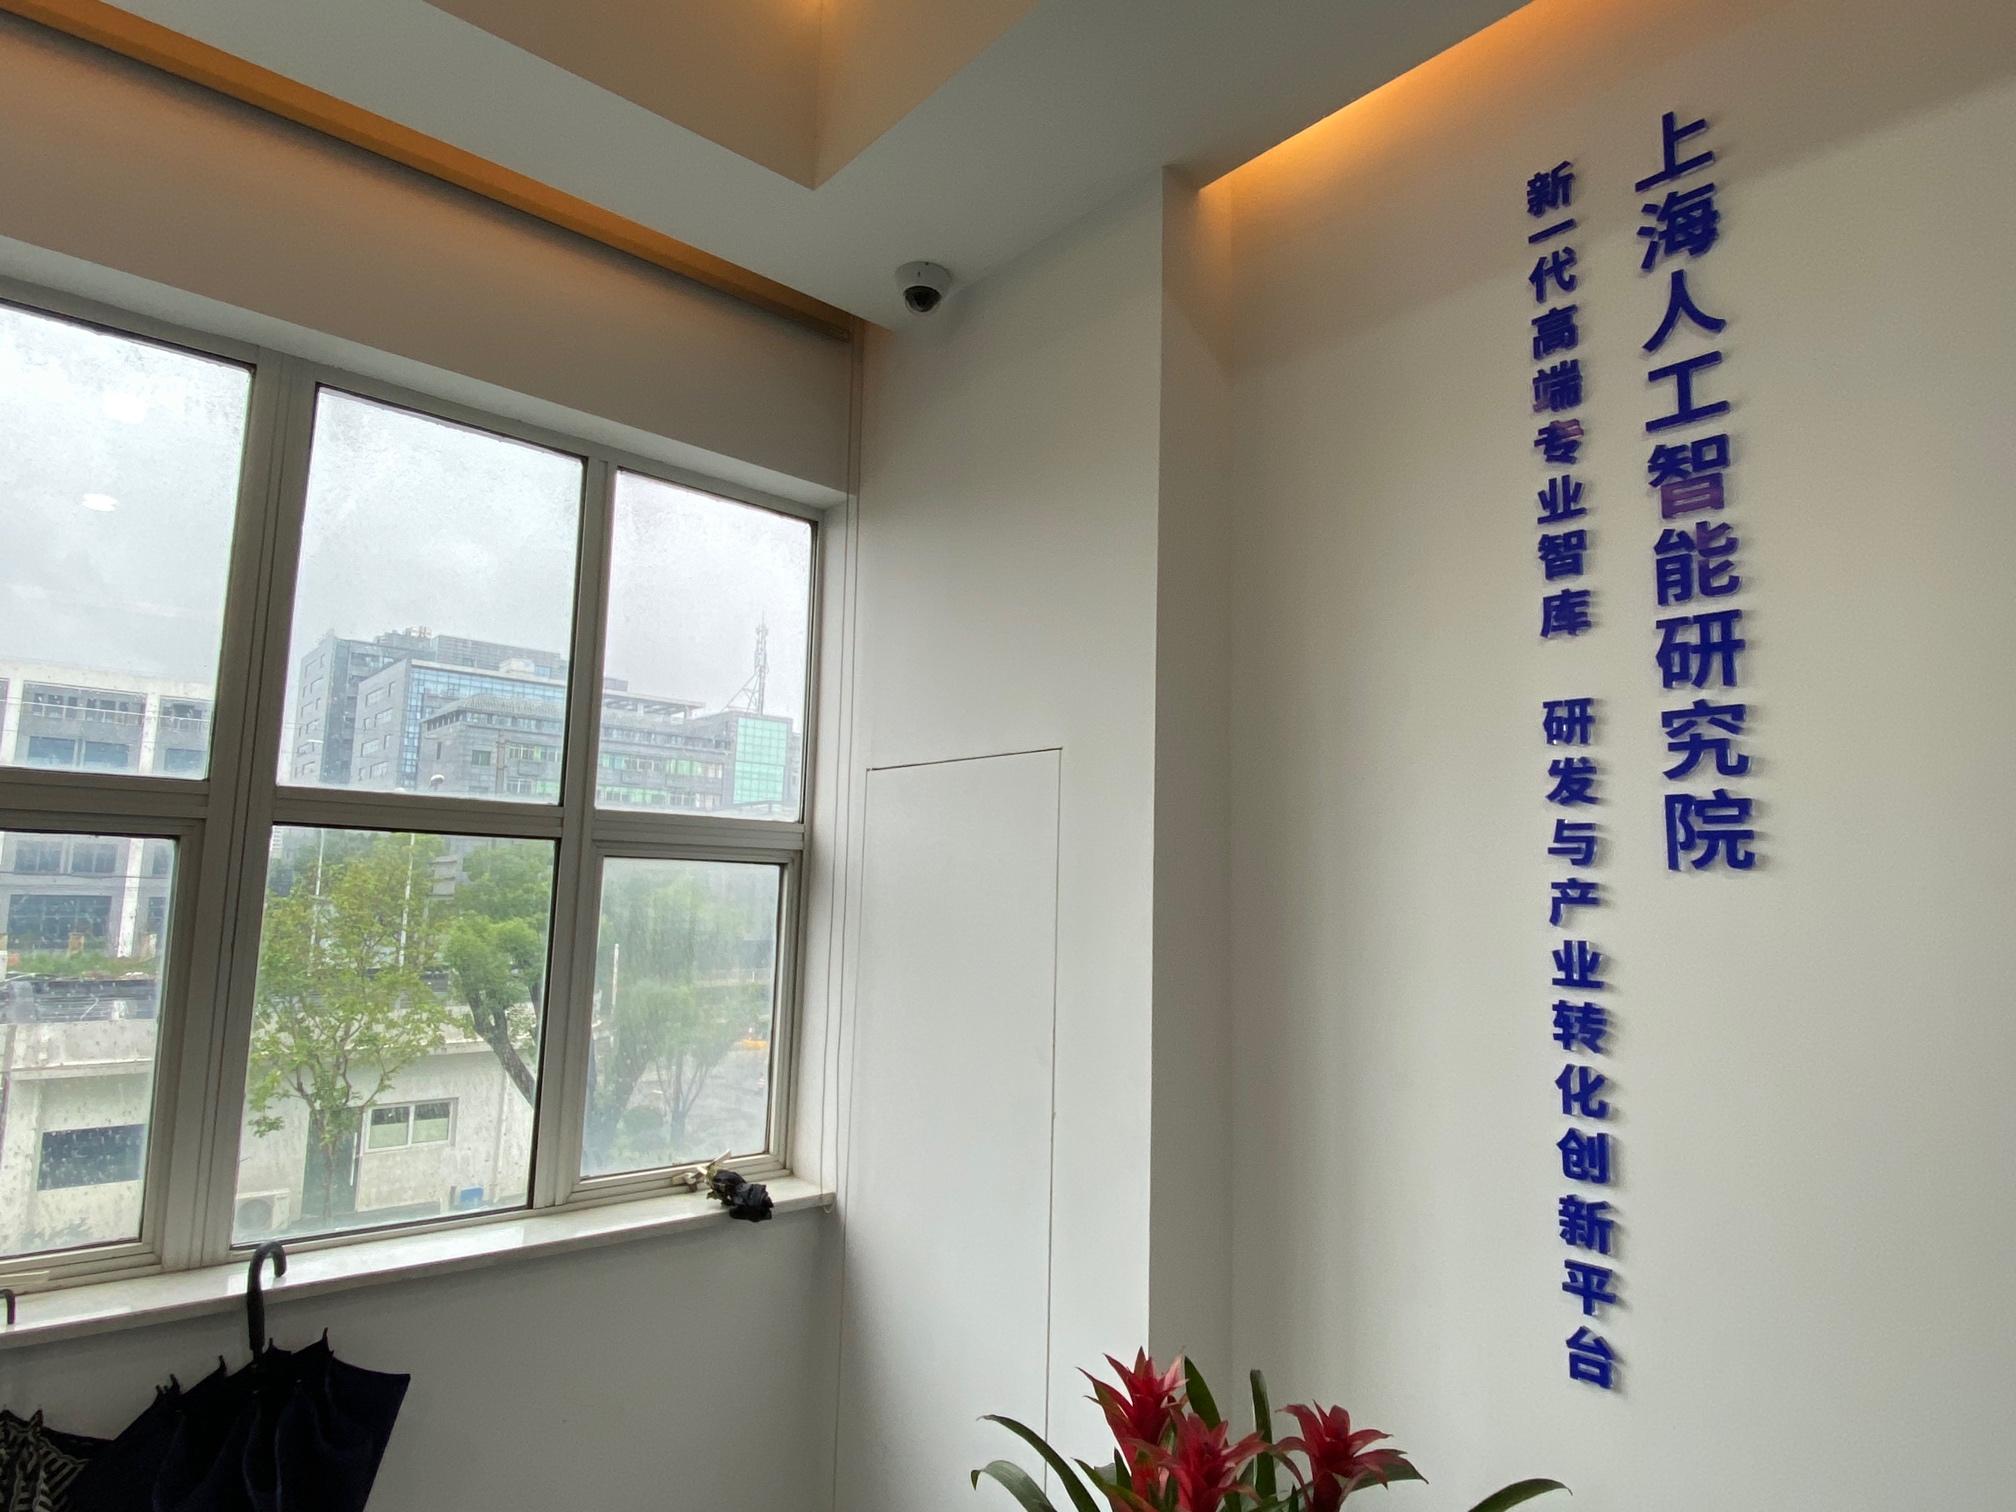 上海人工智能研究院